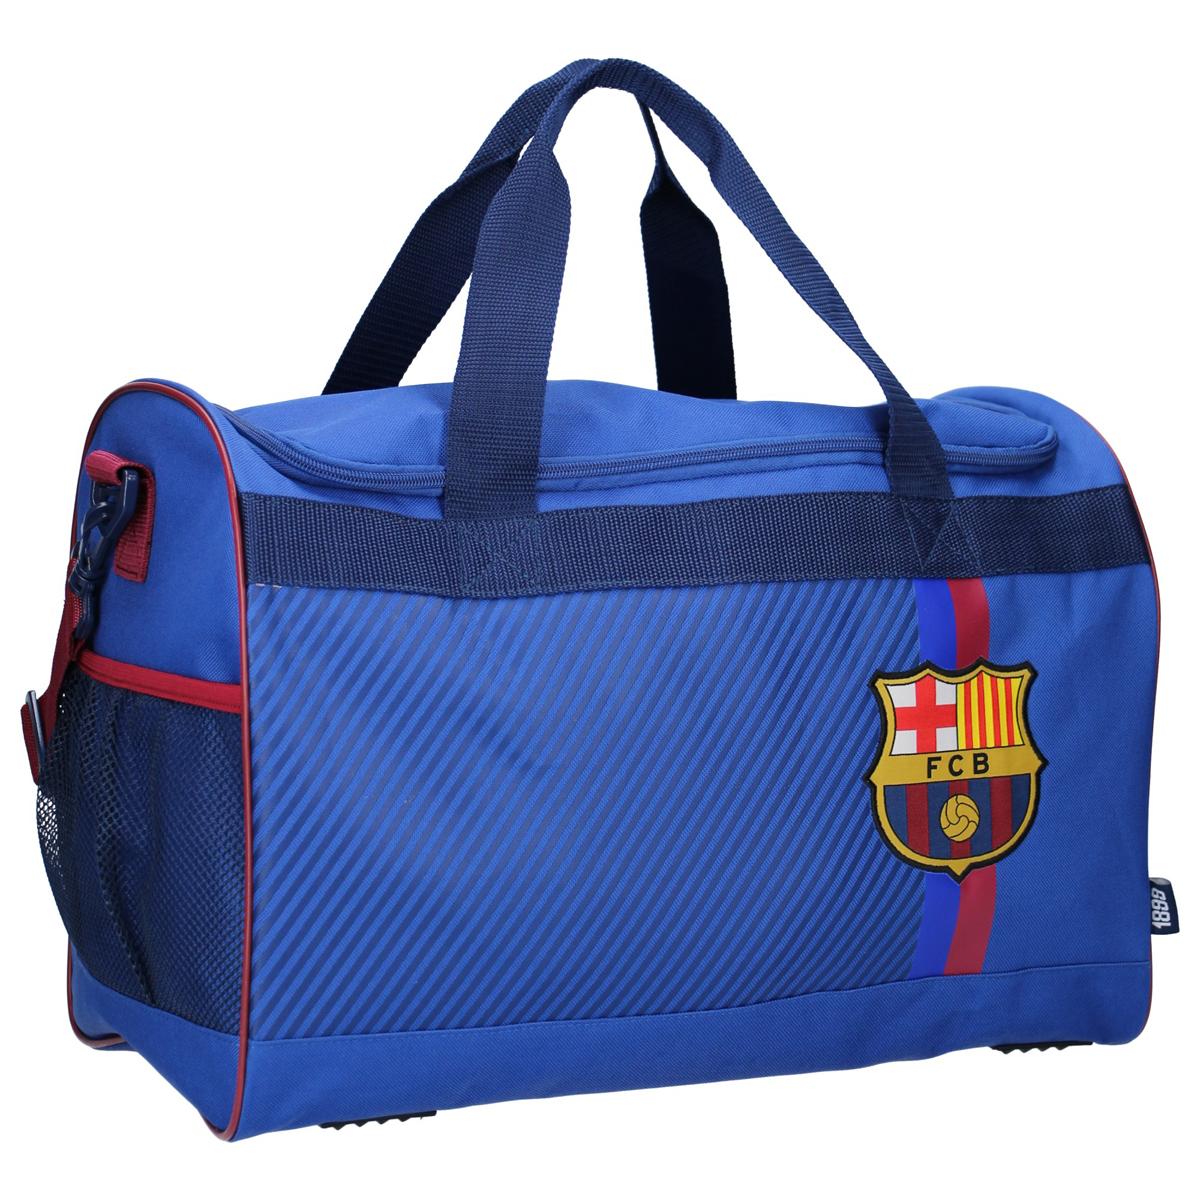 Sac de sport créateur \'FC Barcelona\' bleu - 45x30x24 cm - [A0066]